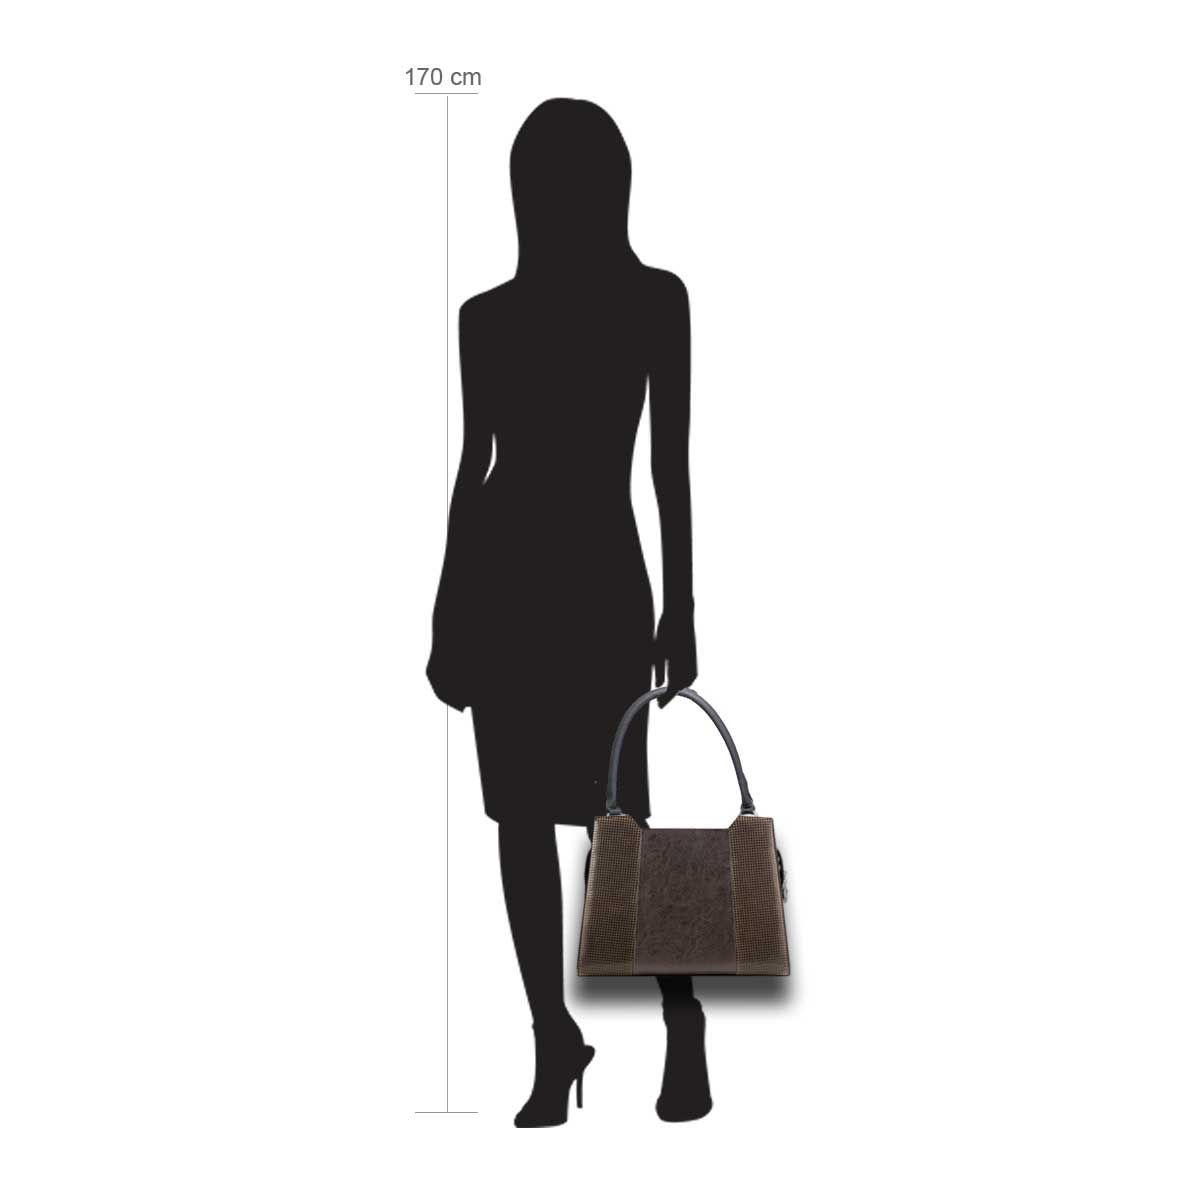 Puppe 170 cm groß zeigt die Taschengröße an . Modell: Korsika braun